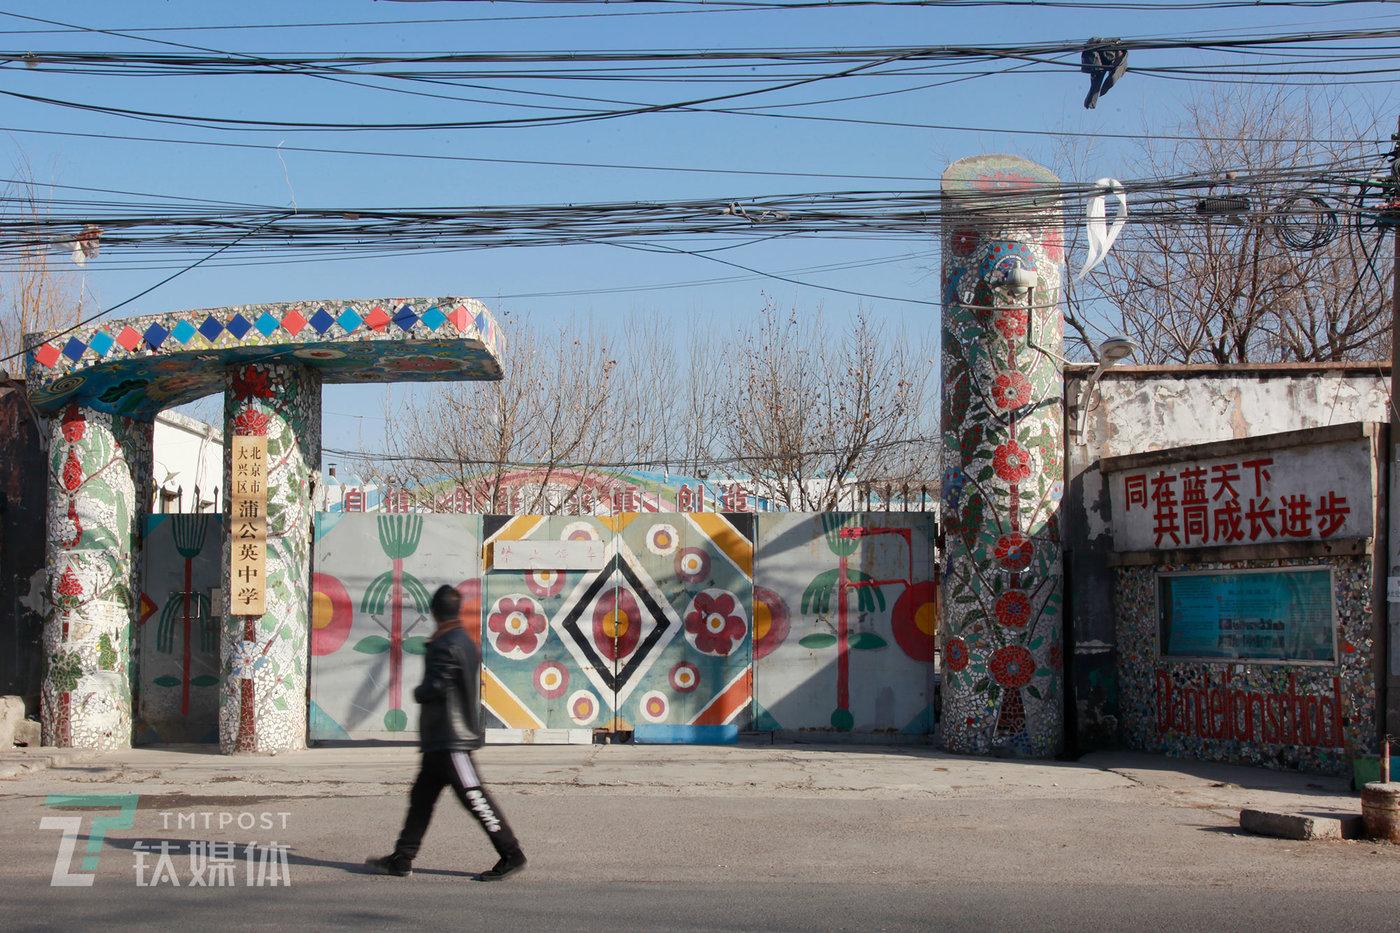 2019年1月22日,北京市大兴区,蒲公英中学旧址的校门。